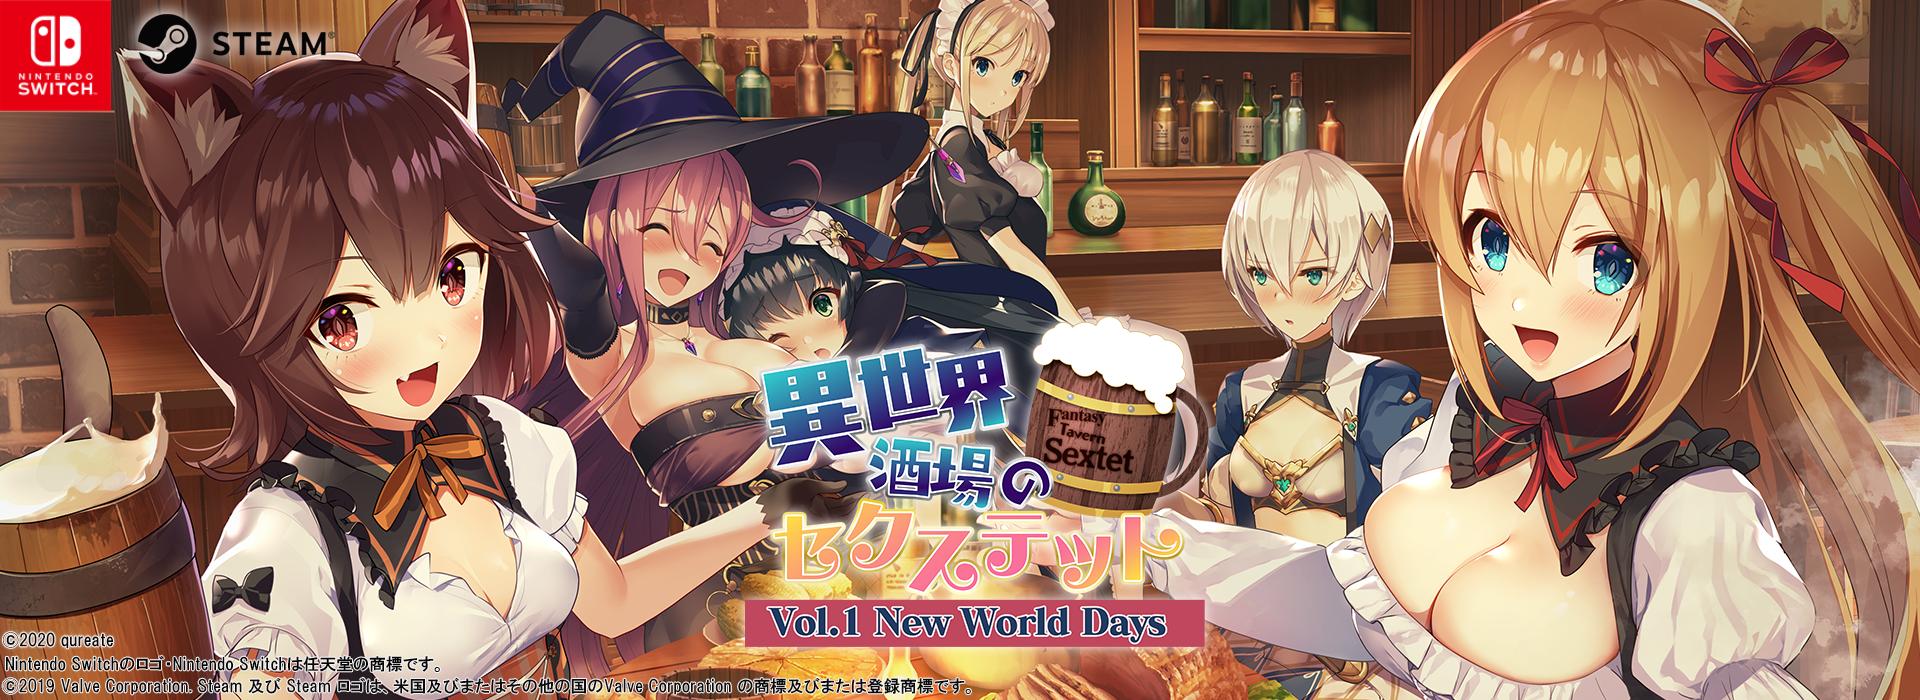 Fantasy Tavern Sextet Vol.1